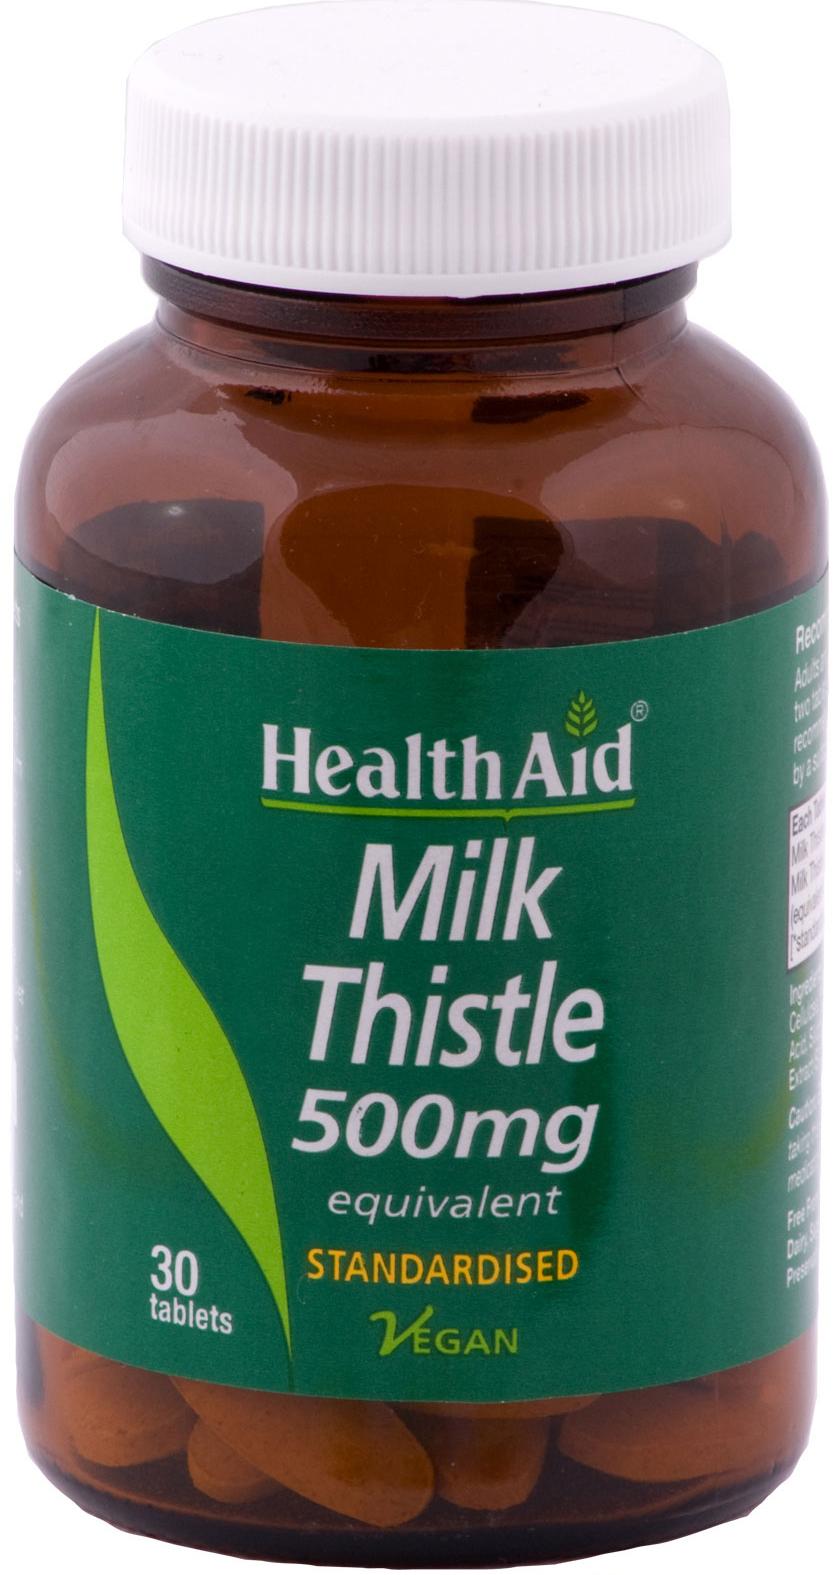 Health Aid Milk Thistle 500mg Φυσικό Ισχυρό Αντιοξειδωτικό 30Vetabs